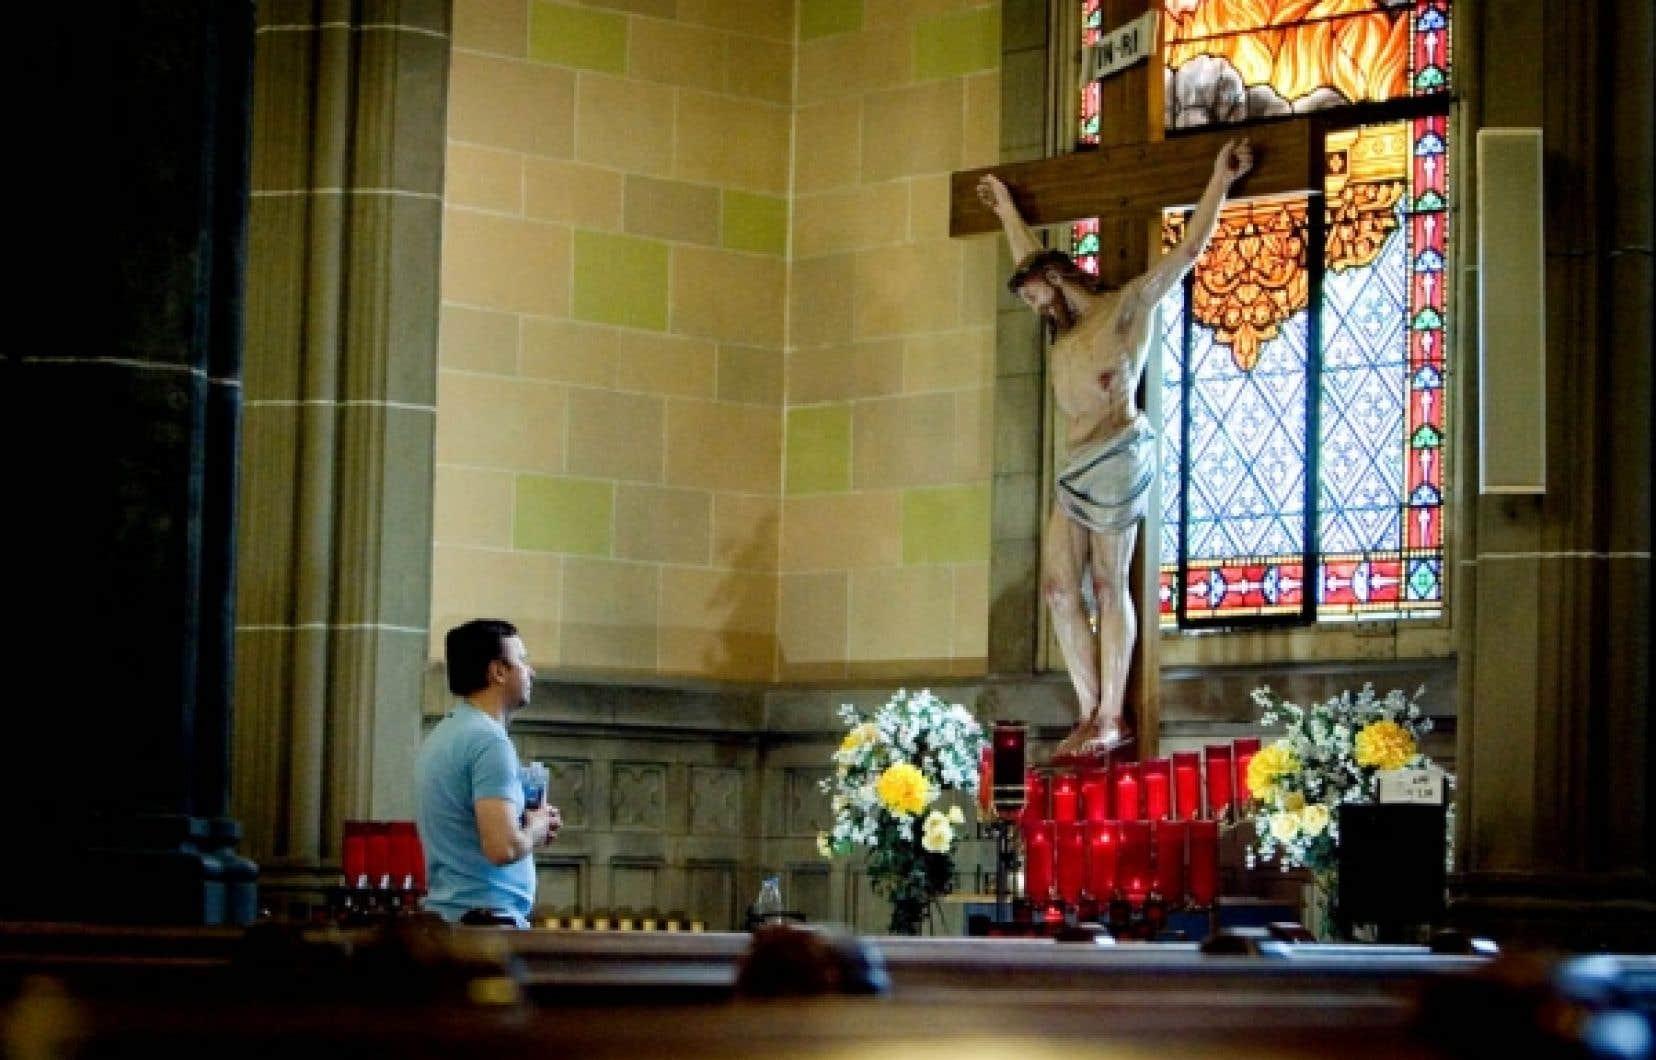 La communauté de l'église Saint-Pierre-Apôtre est composée d'une population largement mâle et homosexuelle.